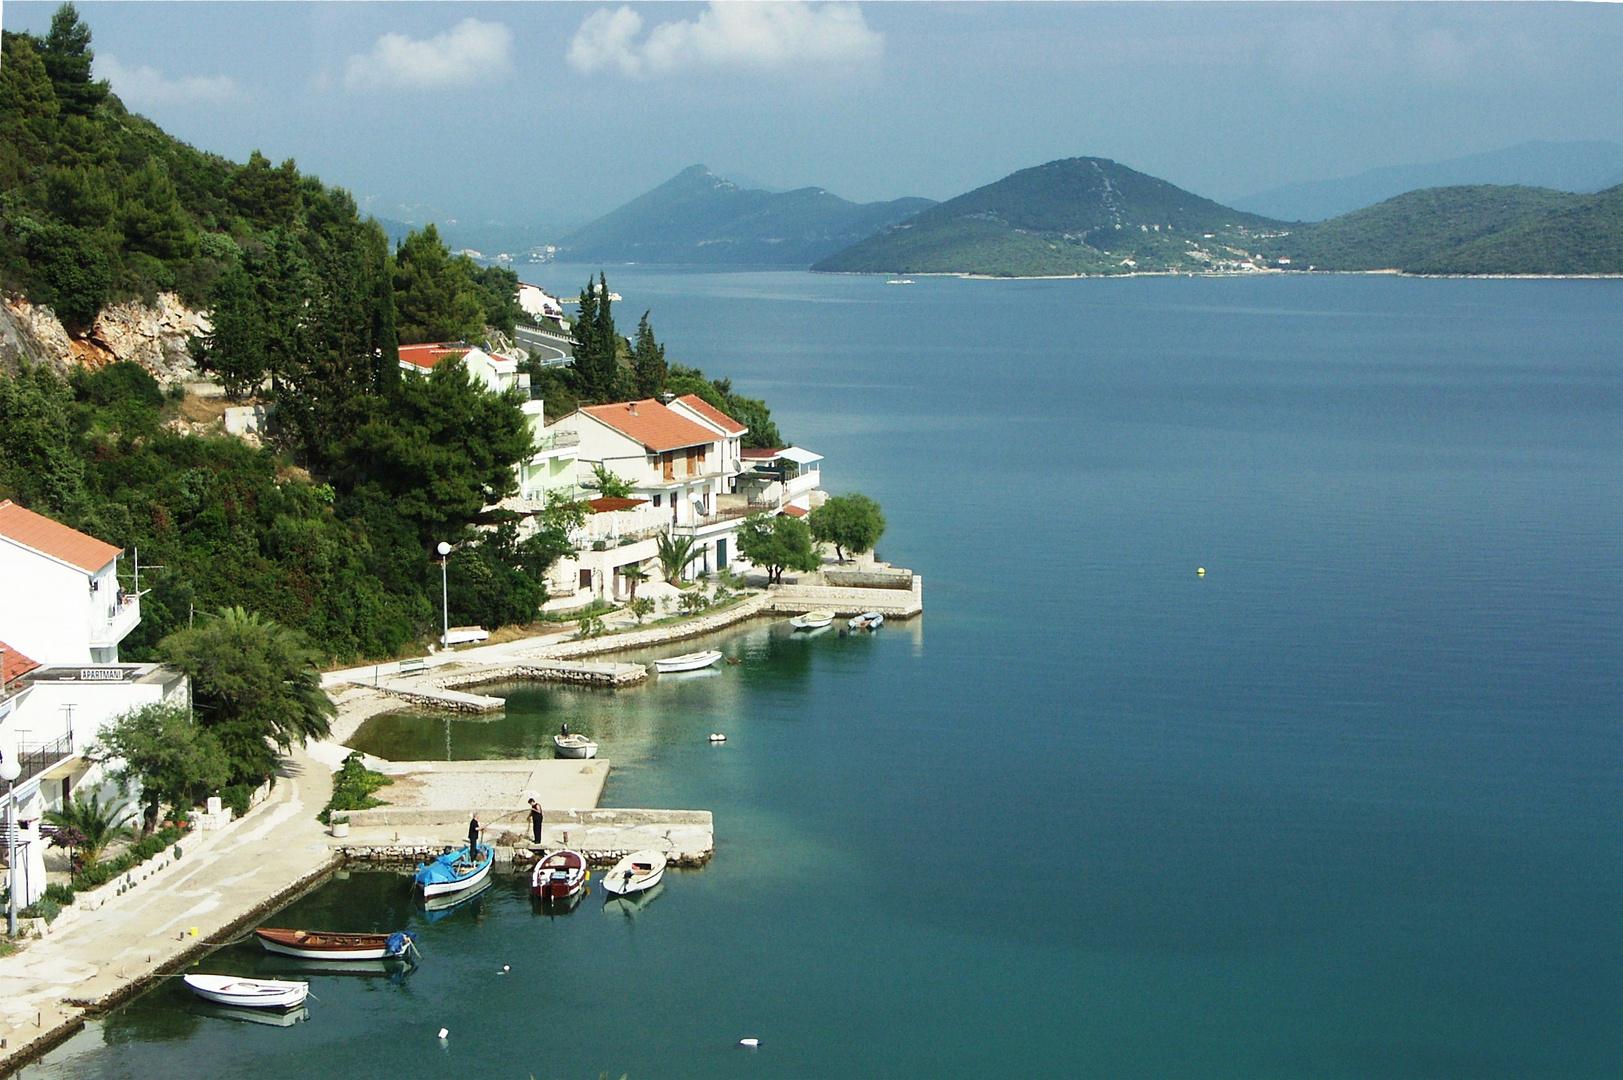 Dalmatien: im Hintergrund die Halbinsel Peljesac